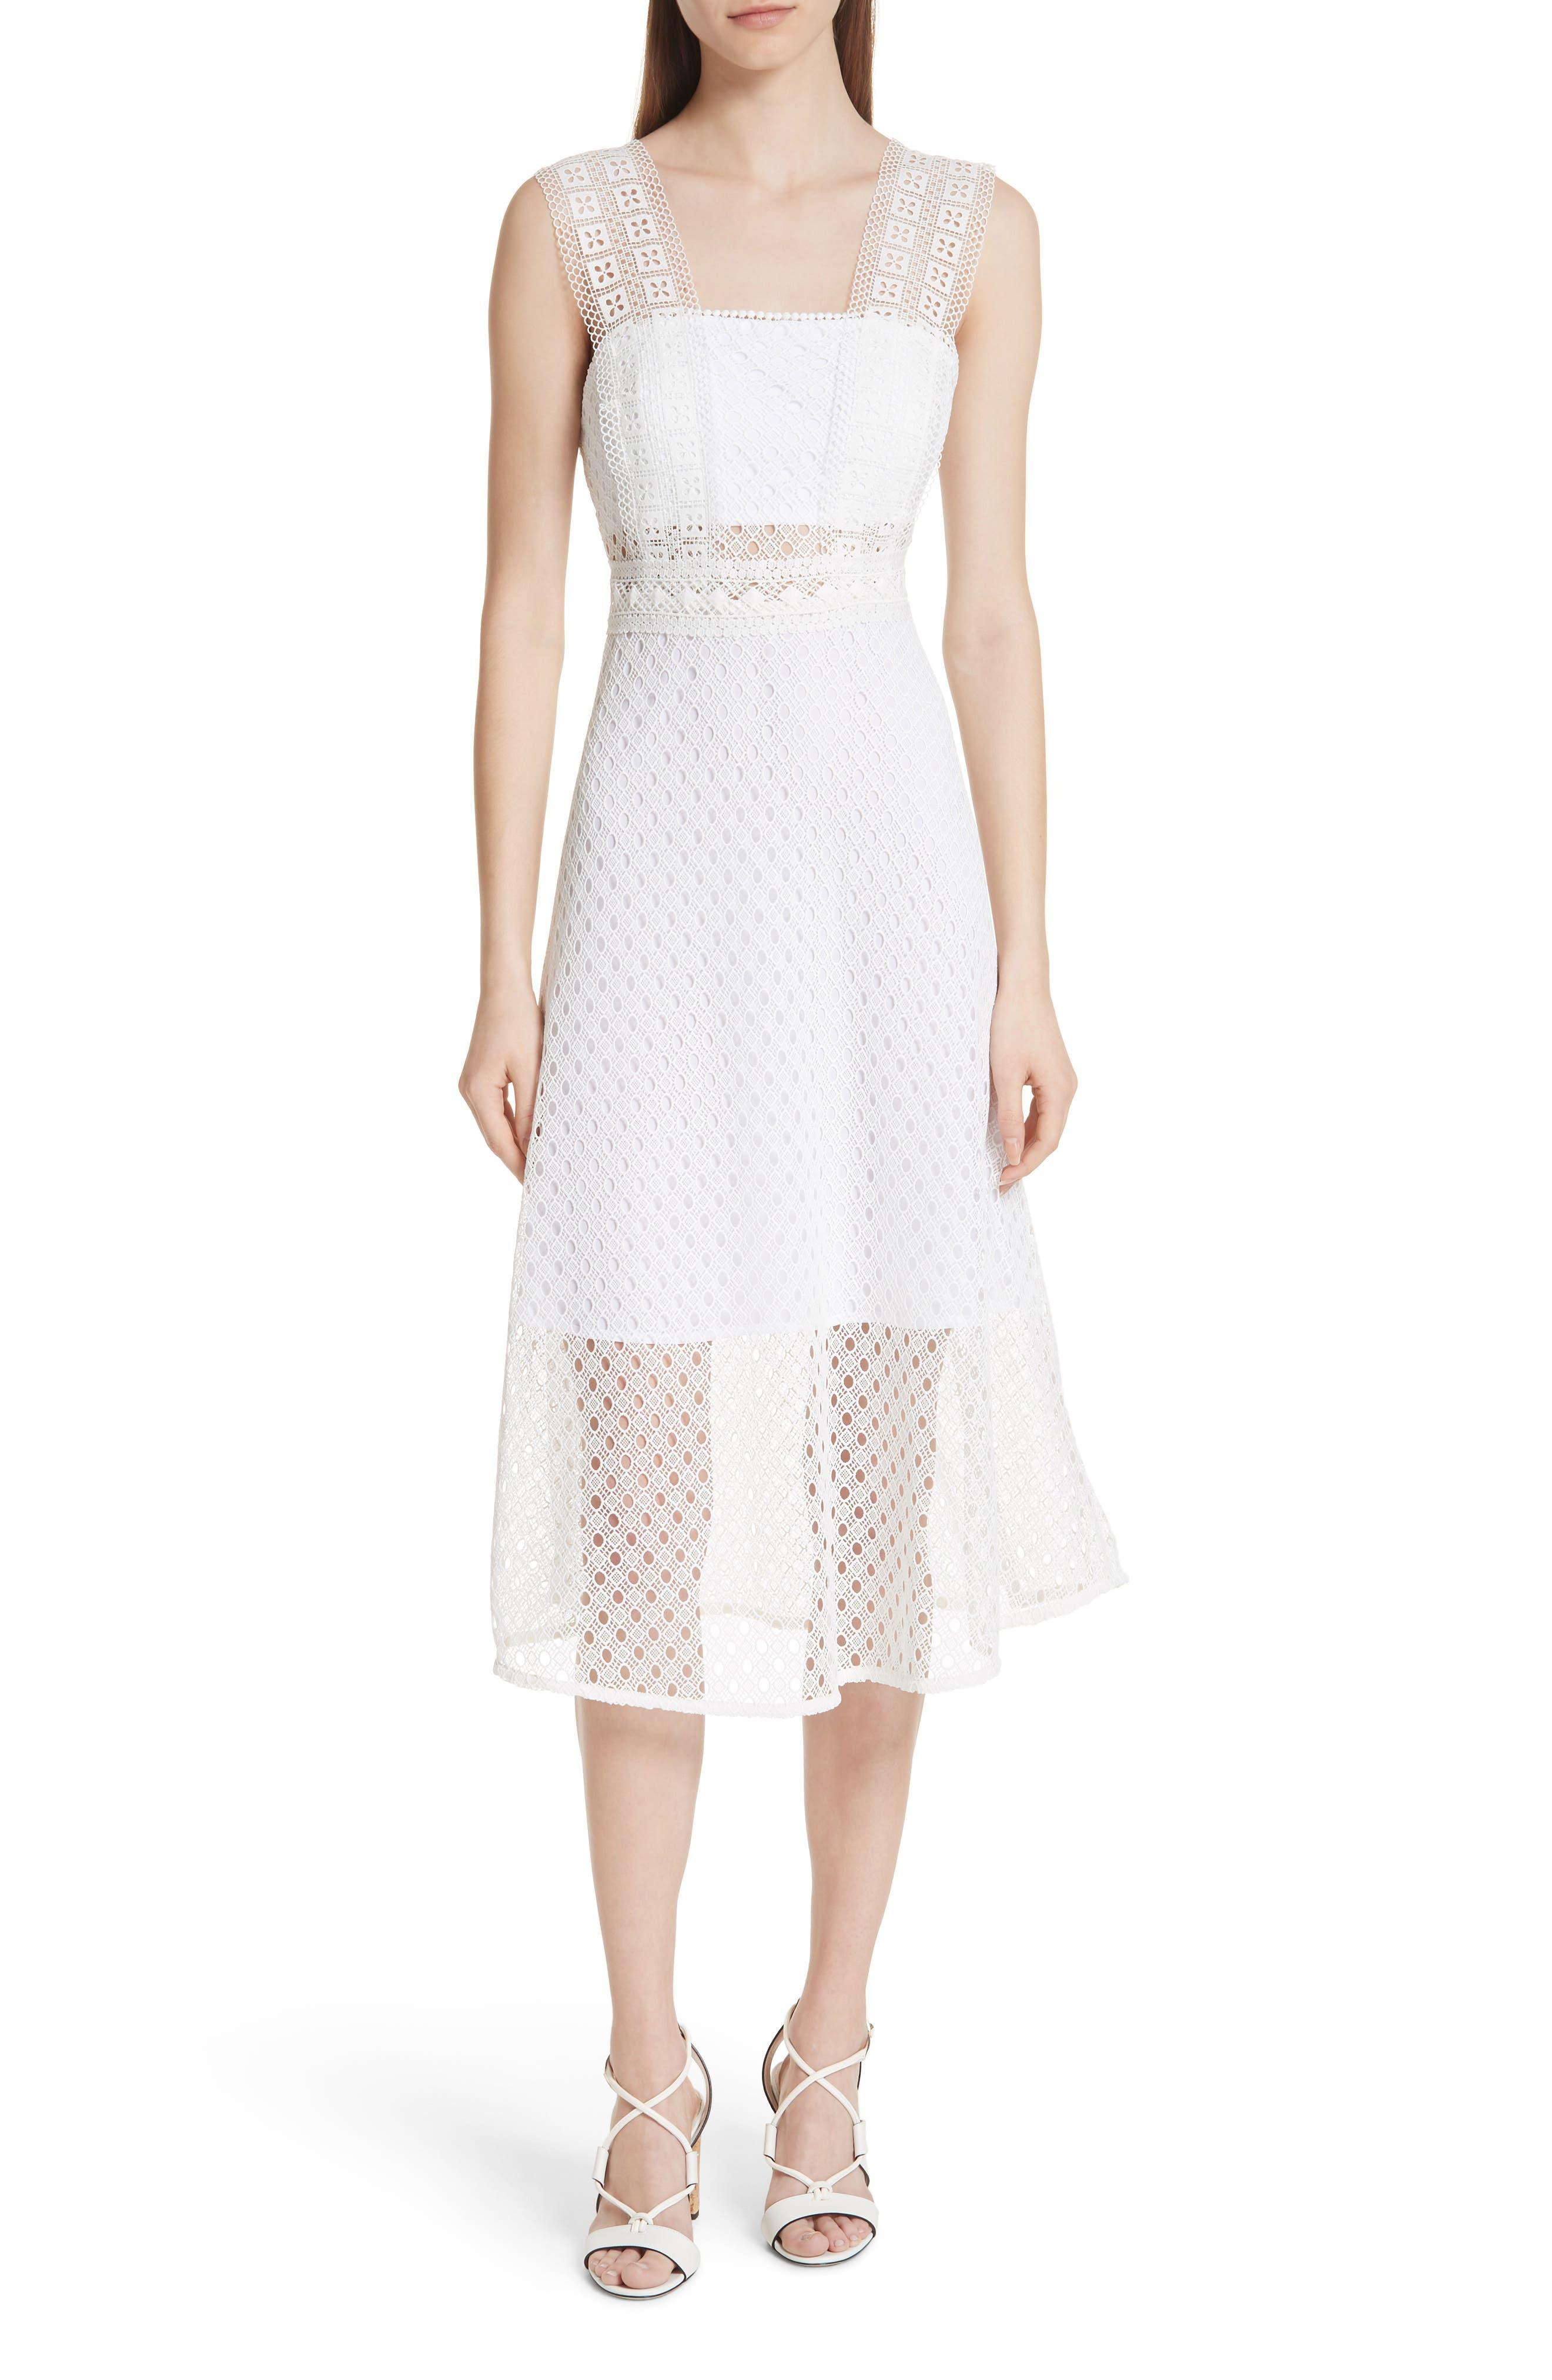 Blanc Lace Square Neck Dress,                         Main,                         color, 100